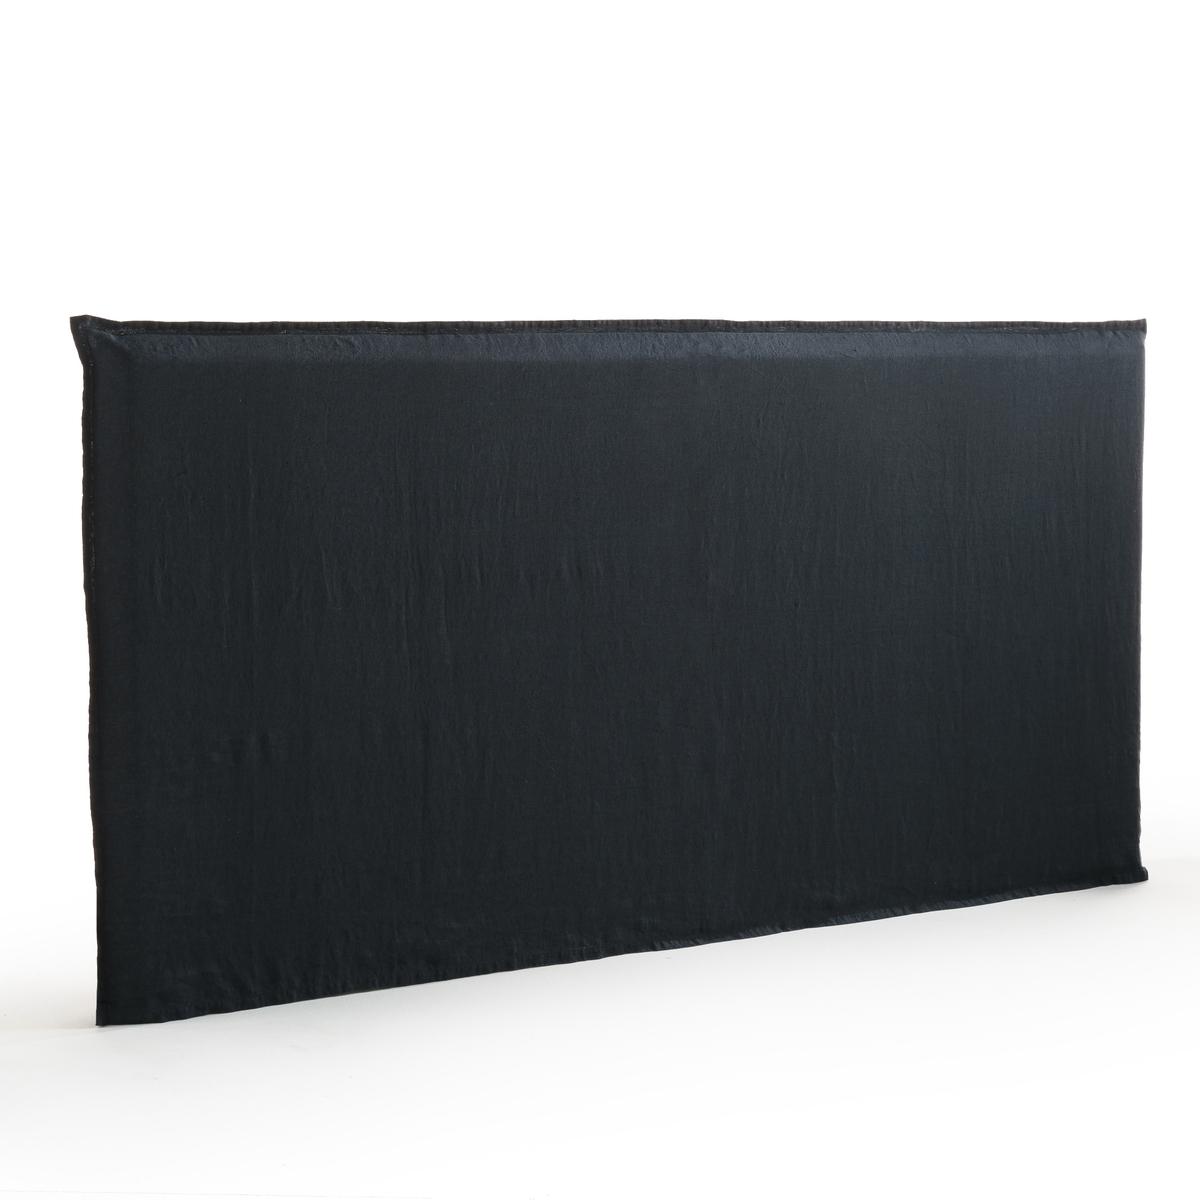 Чехол из стиранного льна для изголовья кровати XL, SandorМатериал :- 100% плотный лён. Отделка :- В форме наволочки, плоский волан в 2,5 см. Уход :- Машинная стирка при 40 °С. Размеры :- Ширина 265 x Высота 135 см.<br><br>Цвет: антрацит